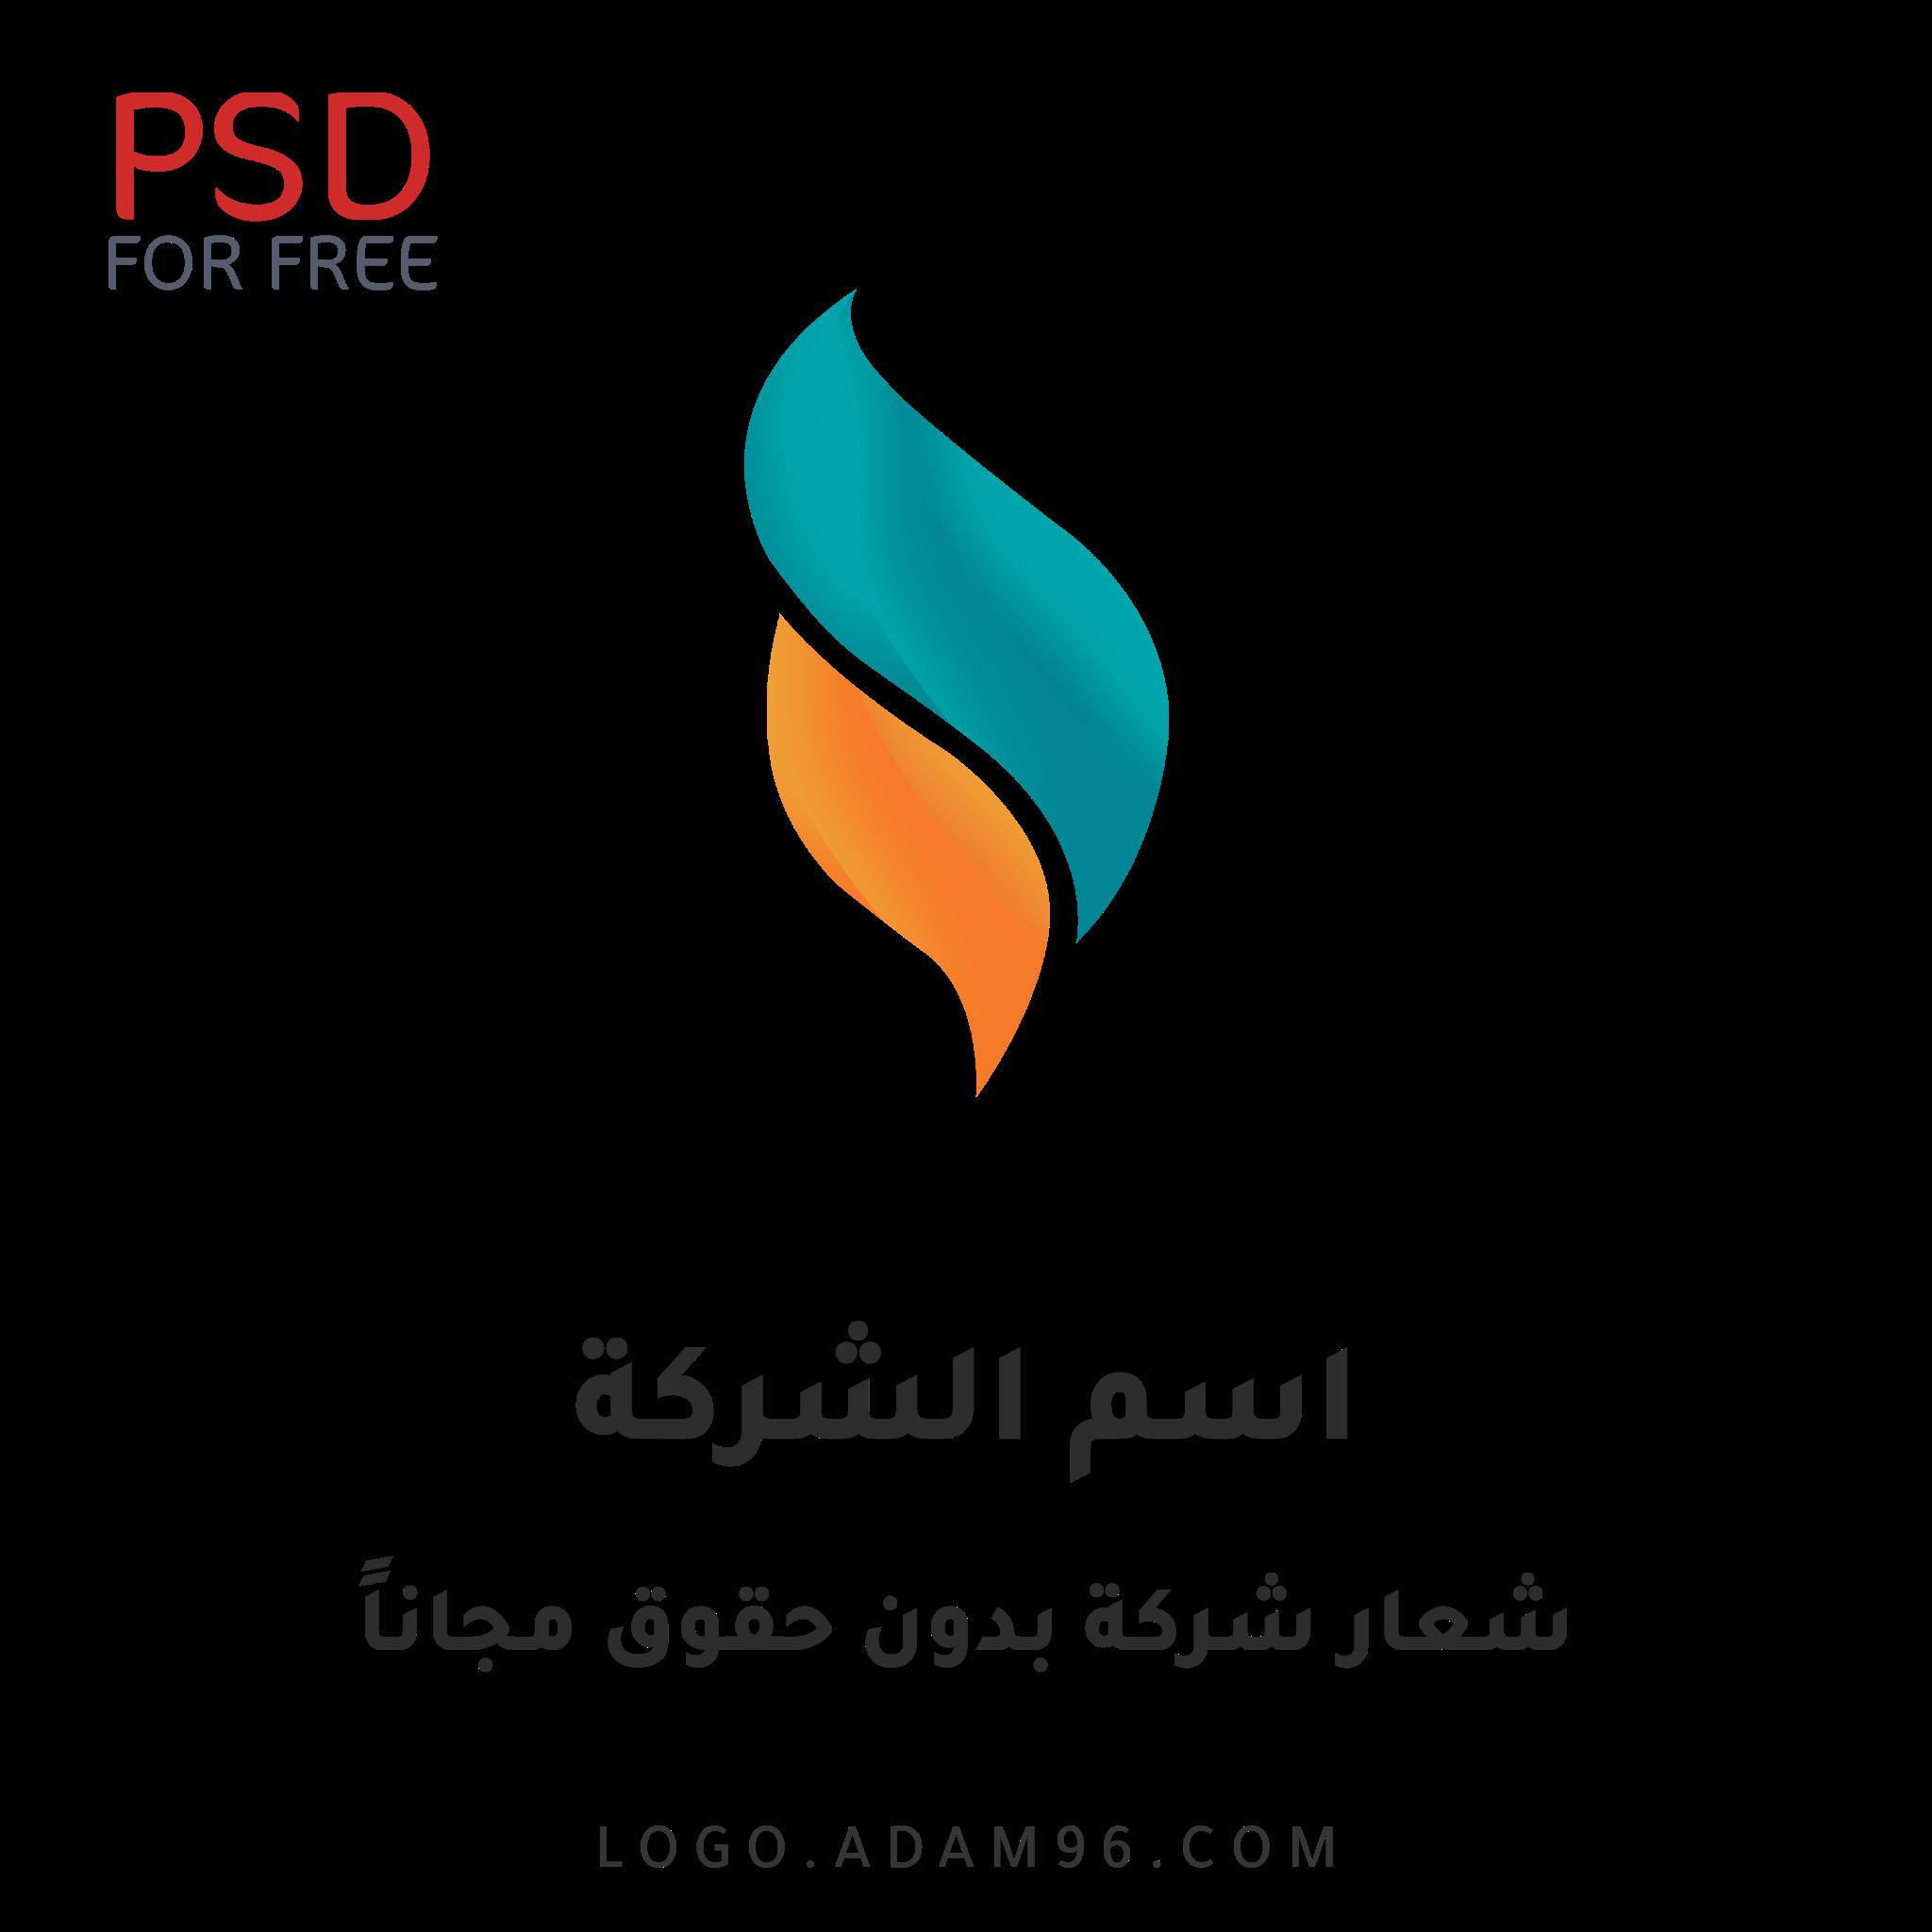 تحميل شعار شركة مجاناً لوجو بدون حقوق ملف مفتوح بصيغة PSD